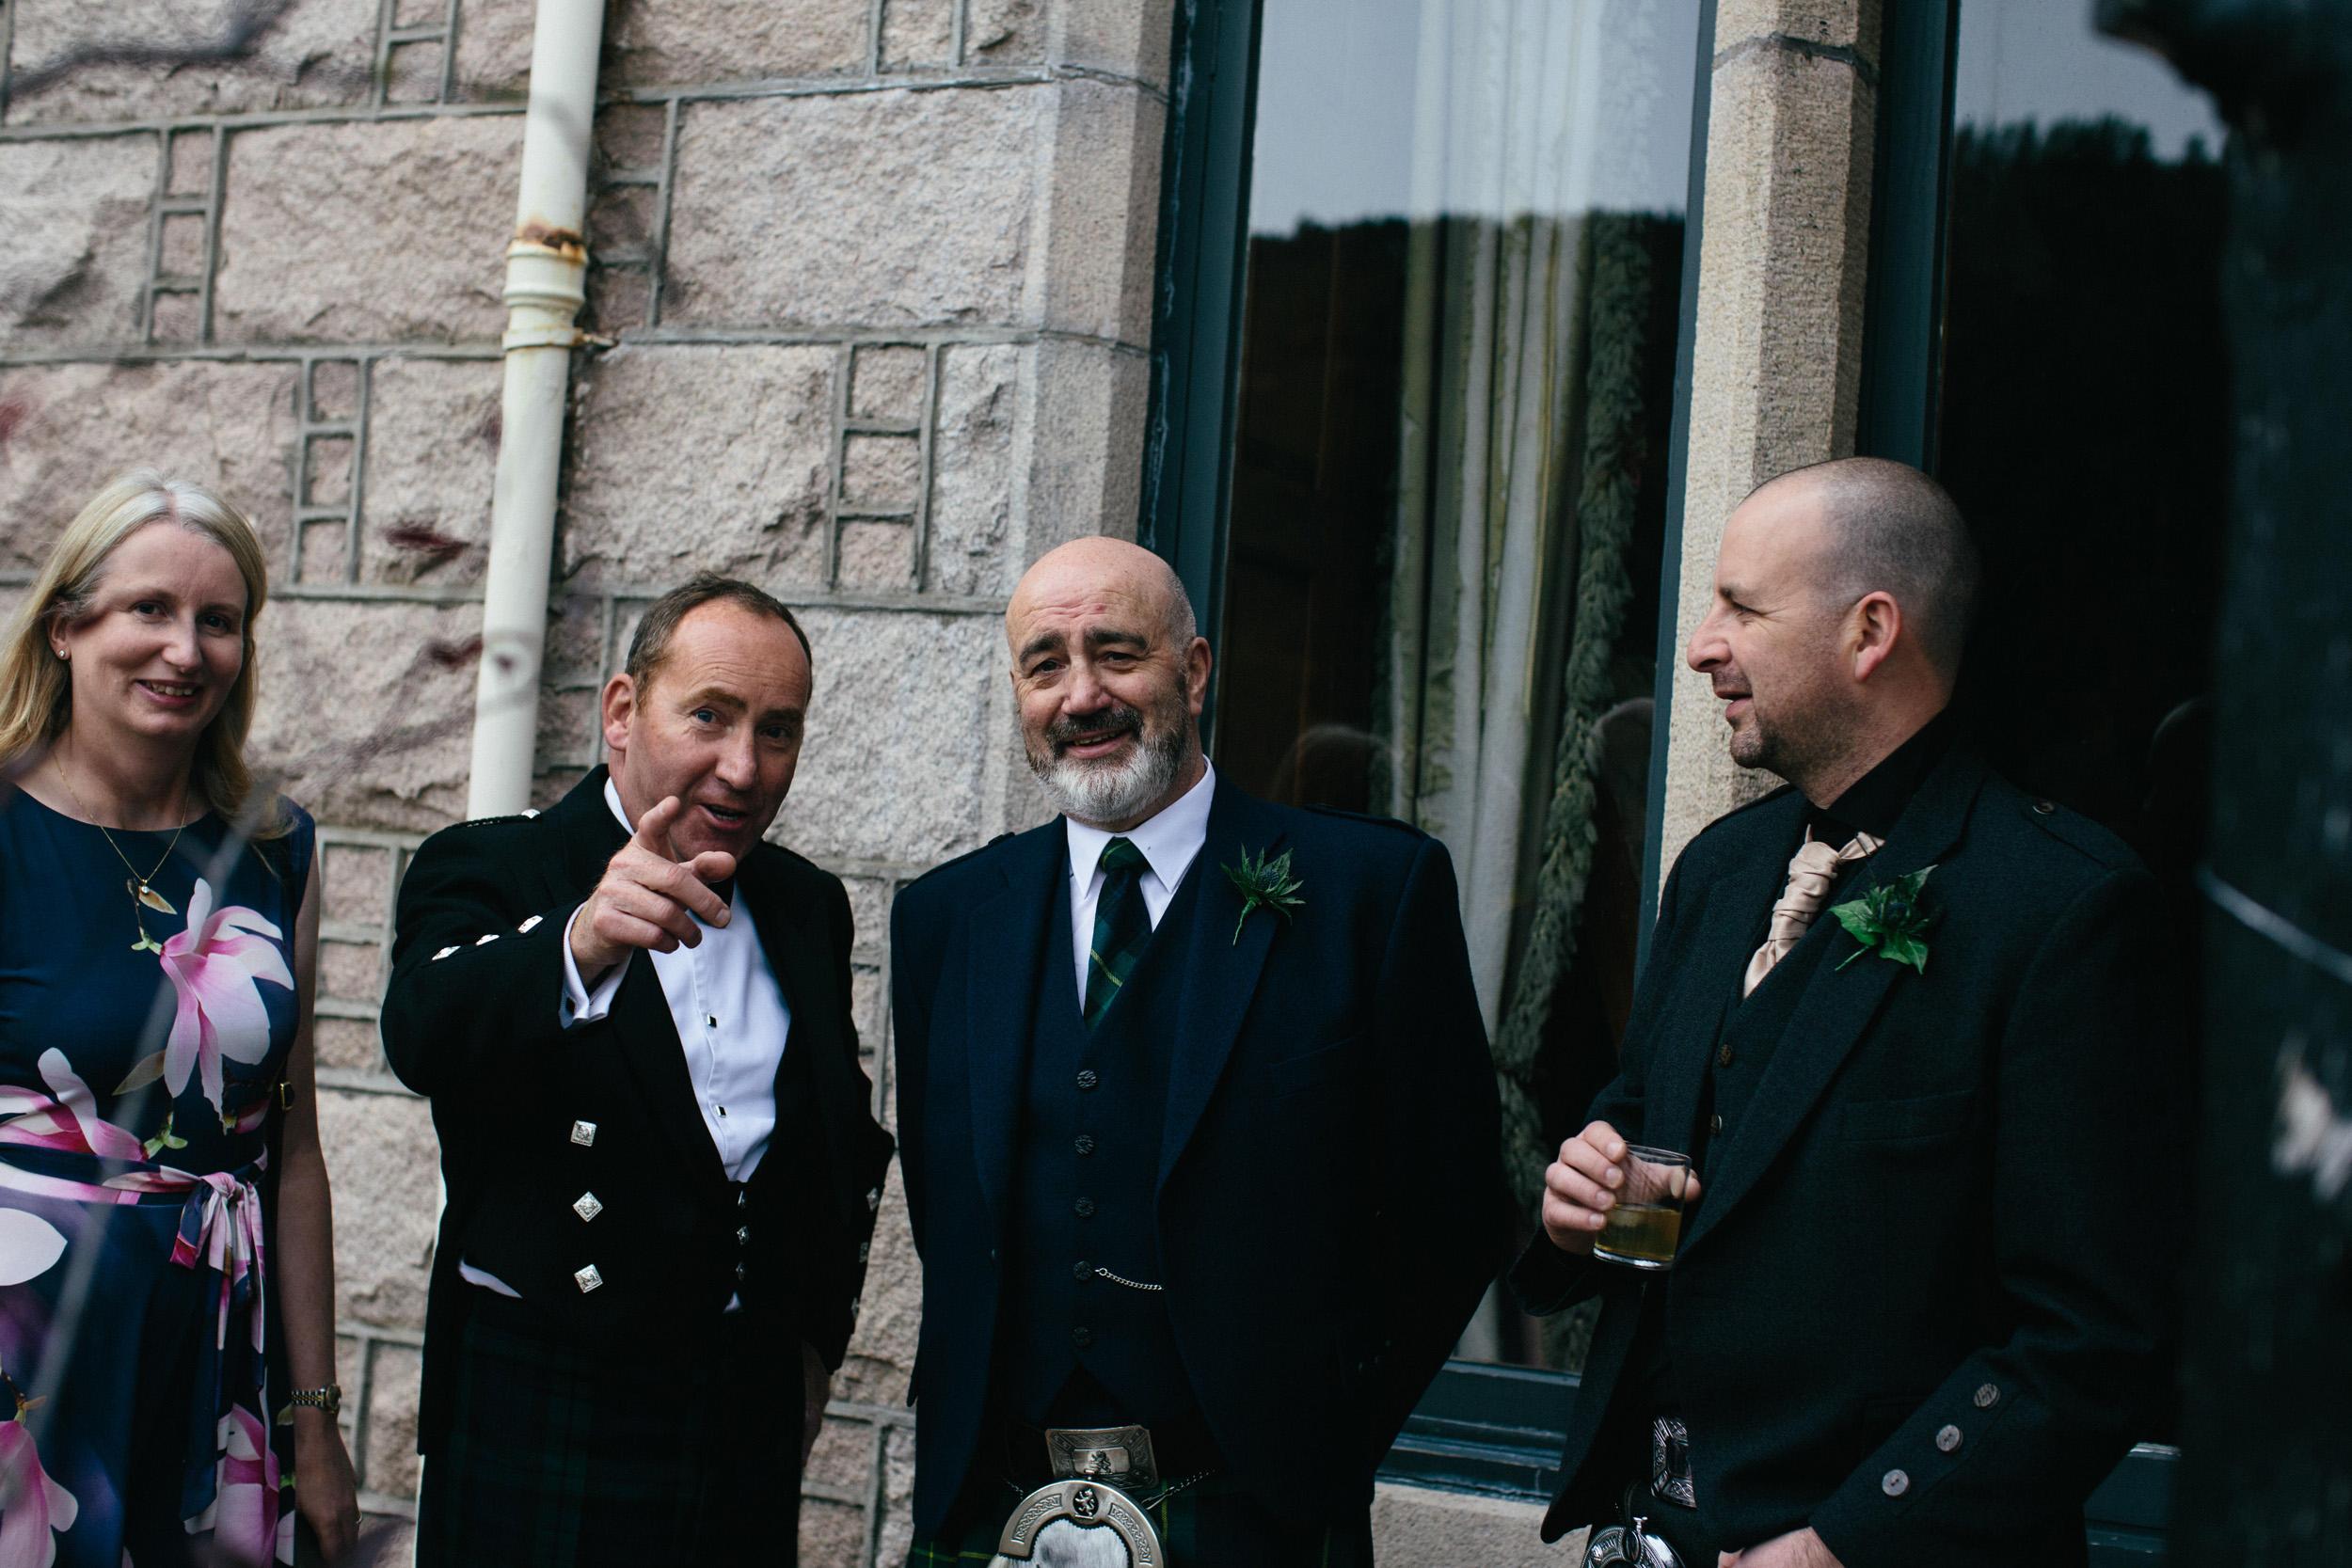 Natural Wedding Photography Aberdeen Braemar 081.jpg